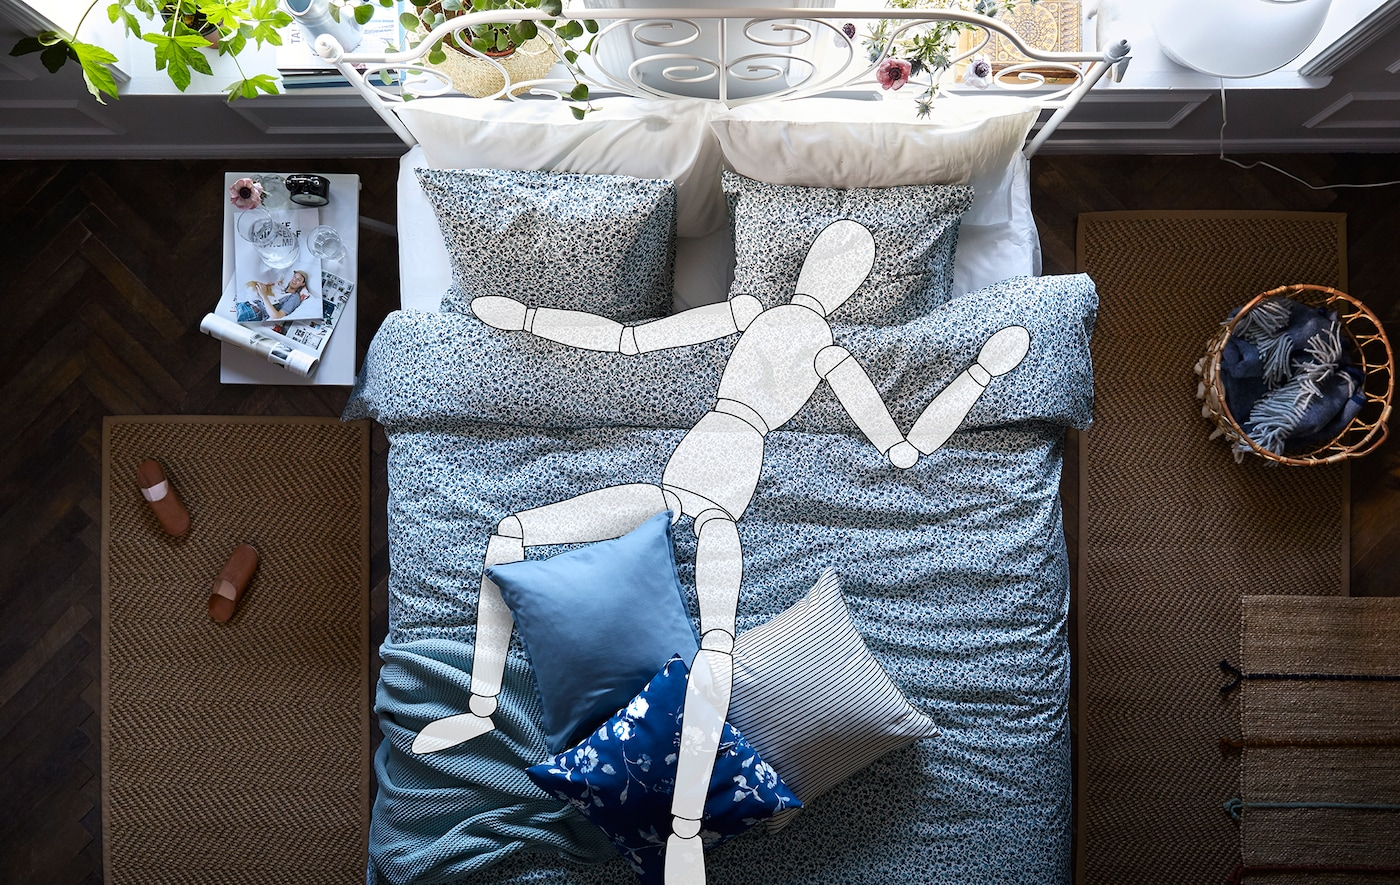 ديكور غرفة نوم داخلي بسرير عريض. الخطوط العريضة لدمية فنان بحجم إنسان طبيعي ممتدة أعلاه.